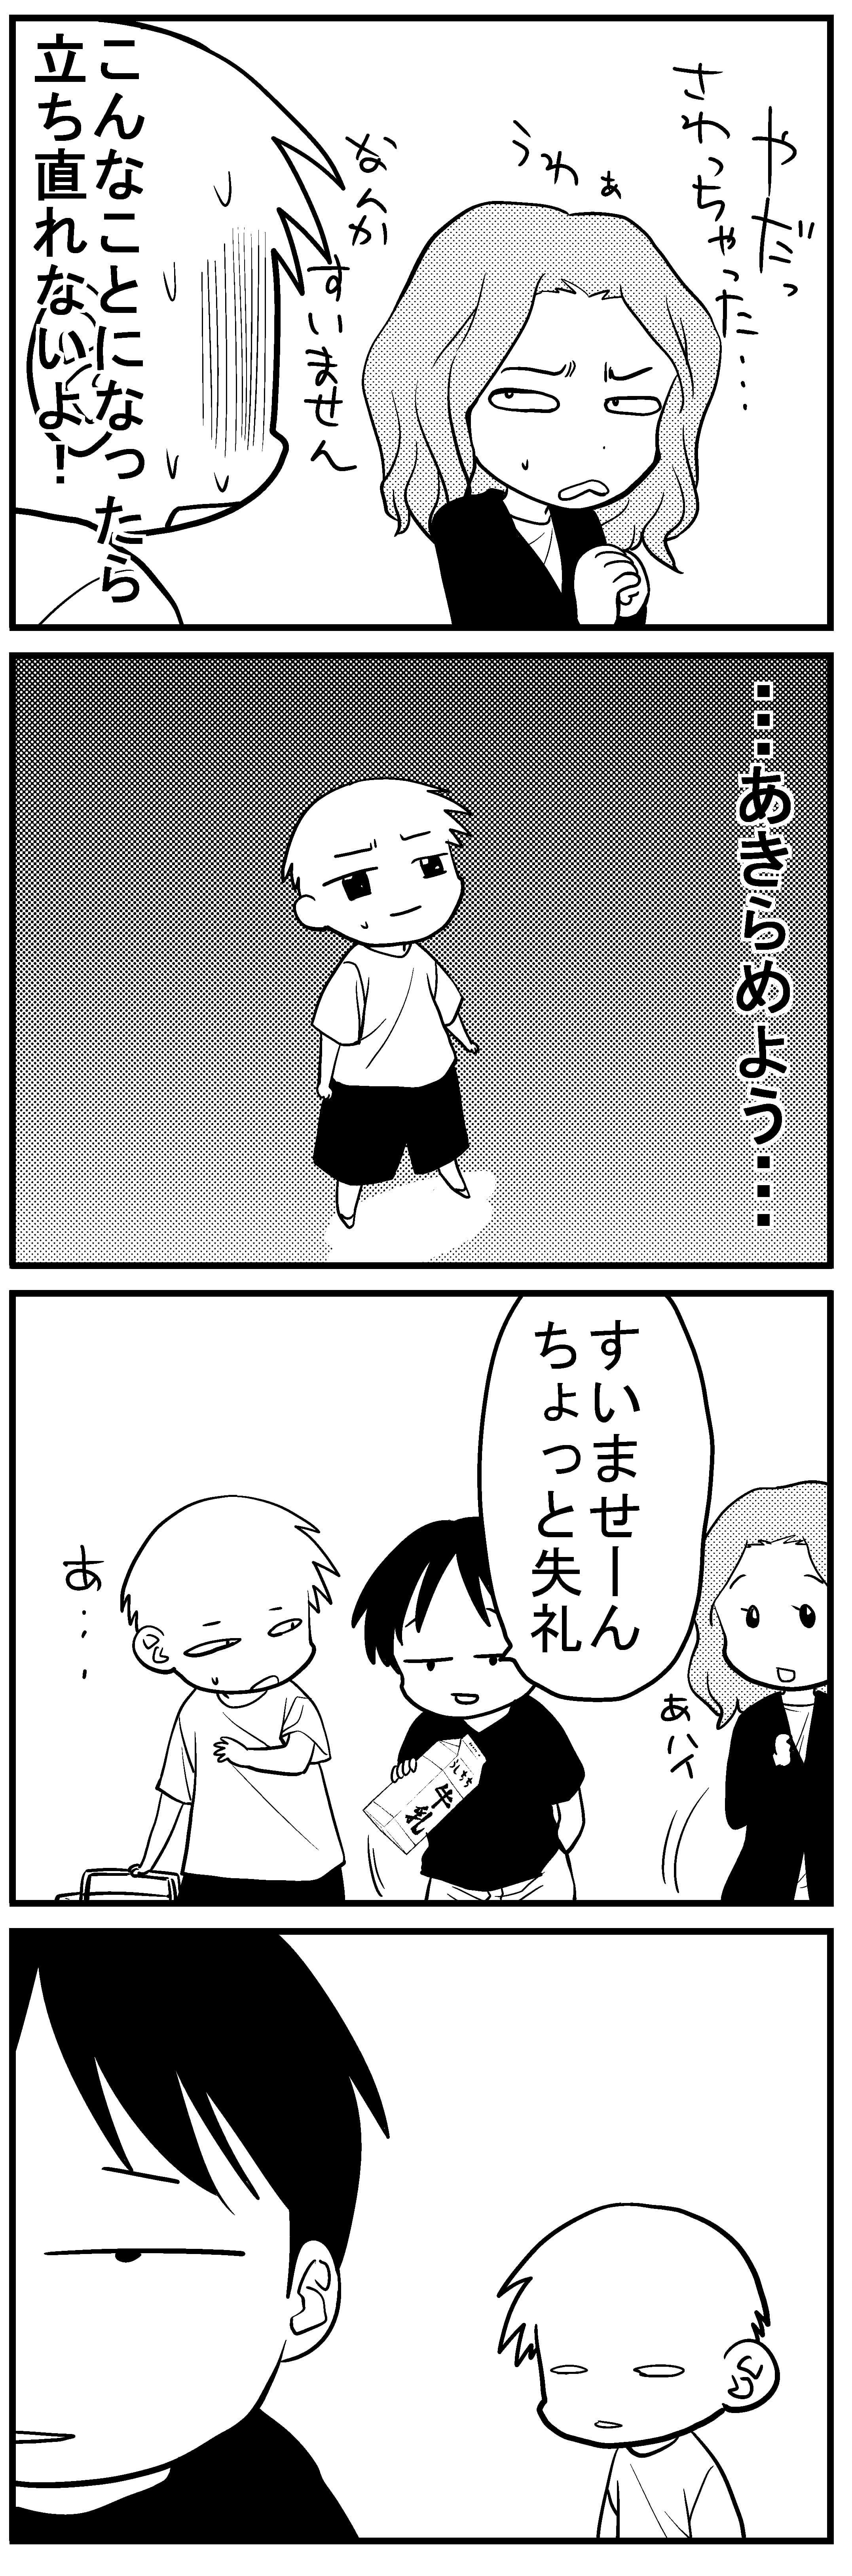 深読み君5 のコピー 3_mini (1)